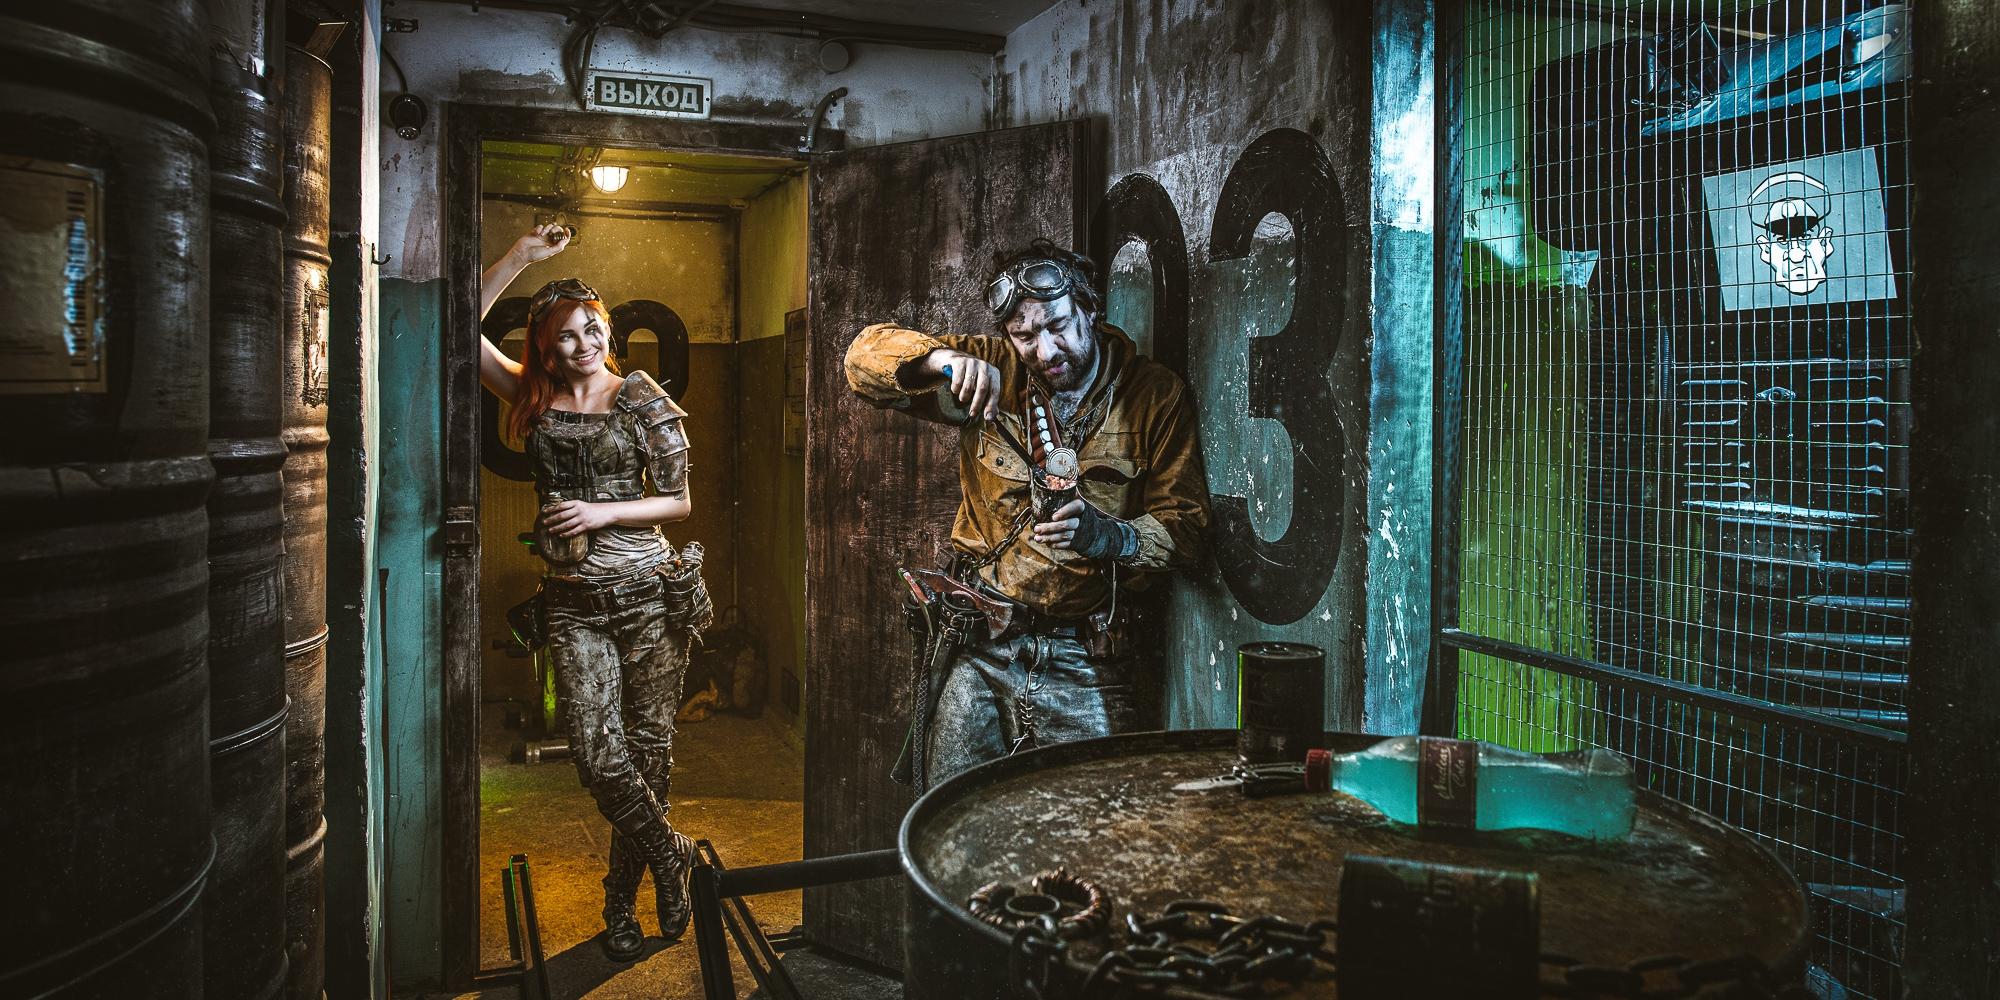 Квест Убежище 13. Возрождение в Москве